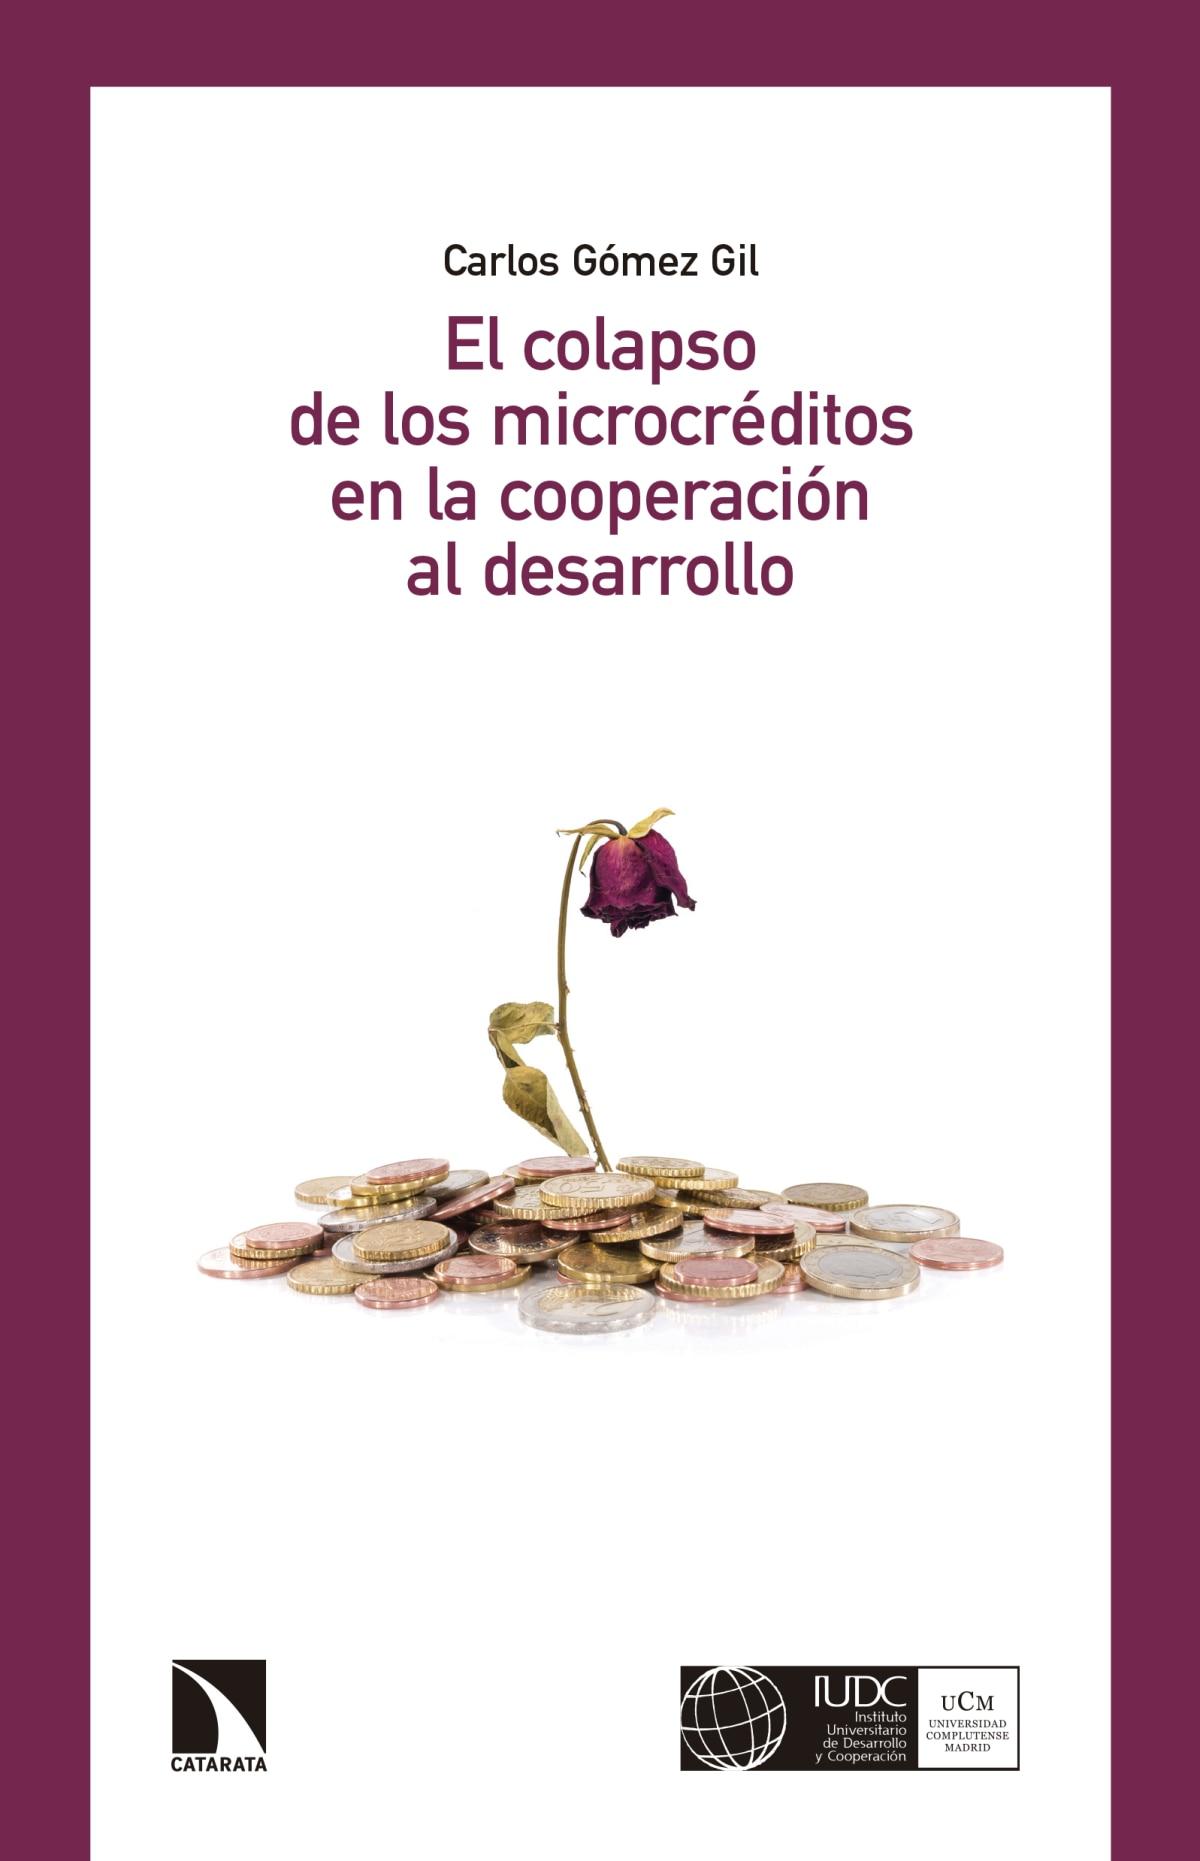 El colapso de los microcréditos en la cooperación al desarrollo